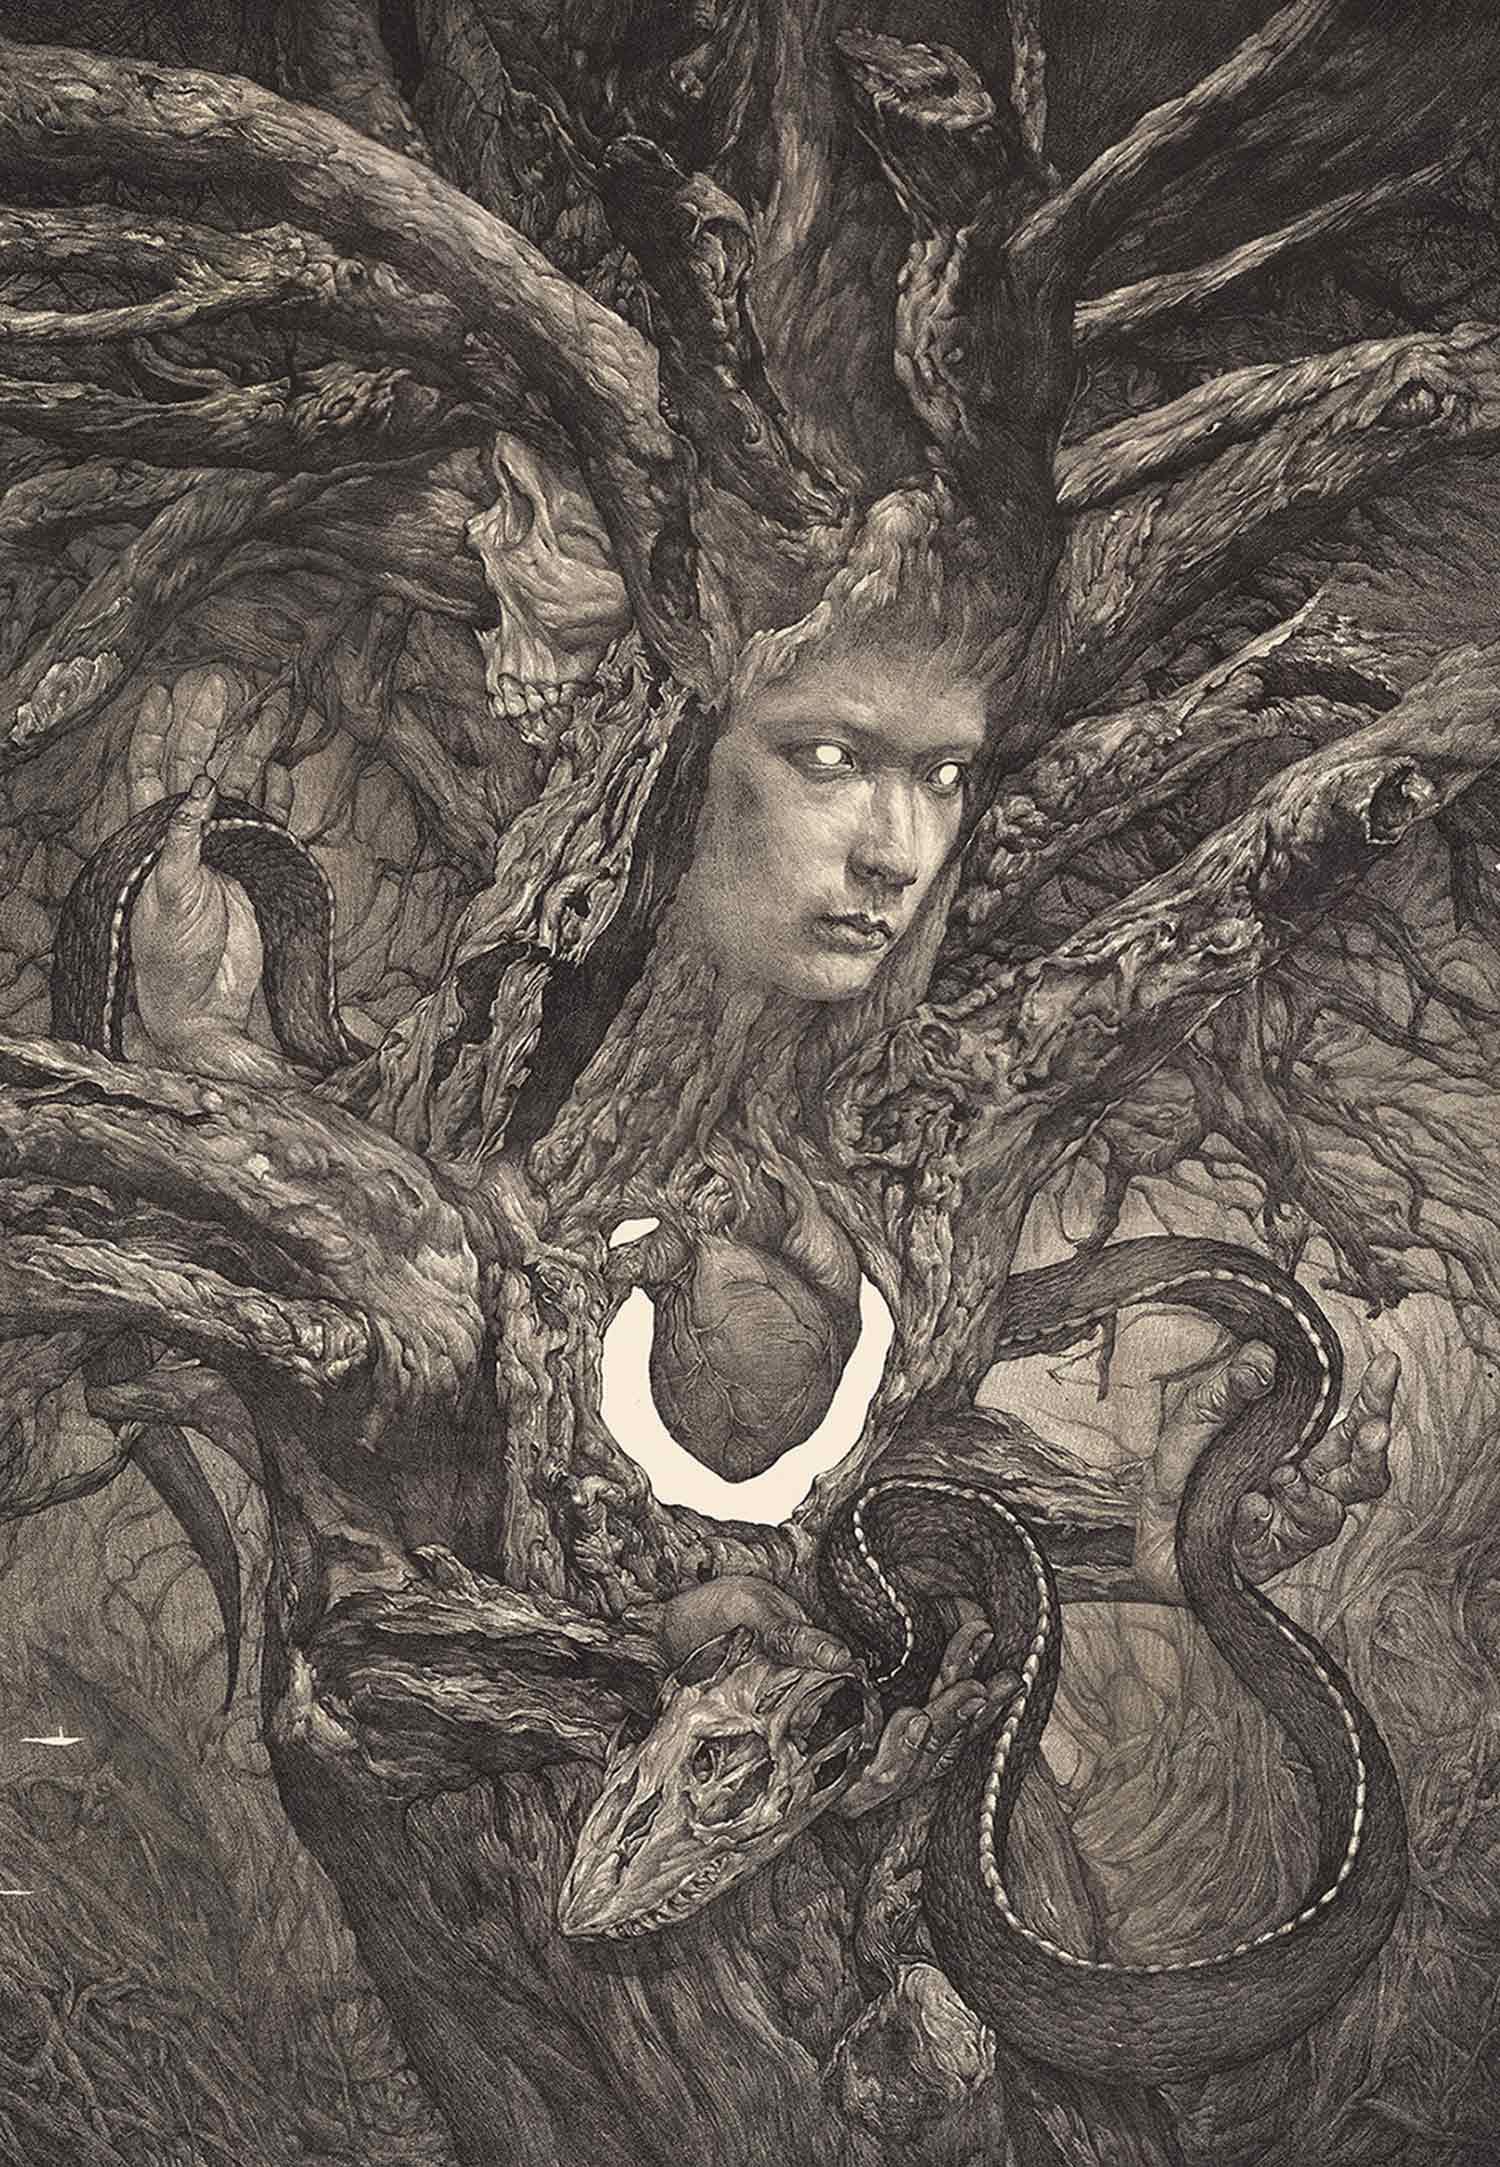 Eden's Adam Gensis by So PineNut